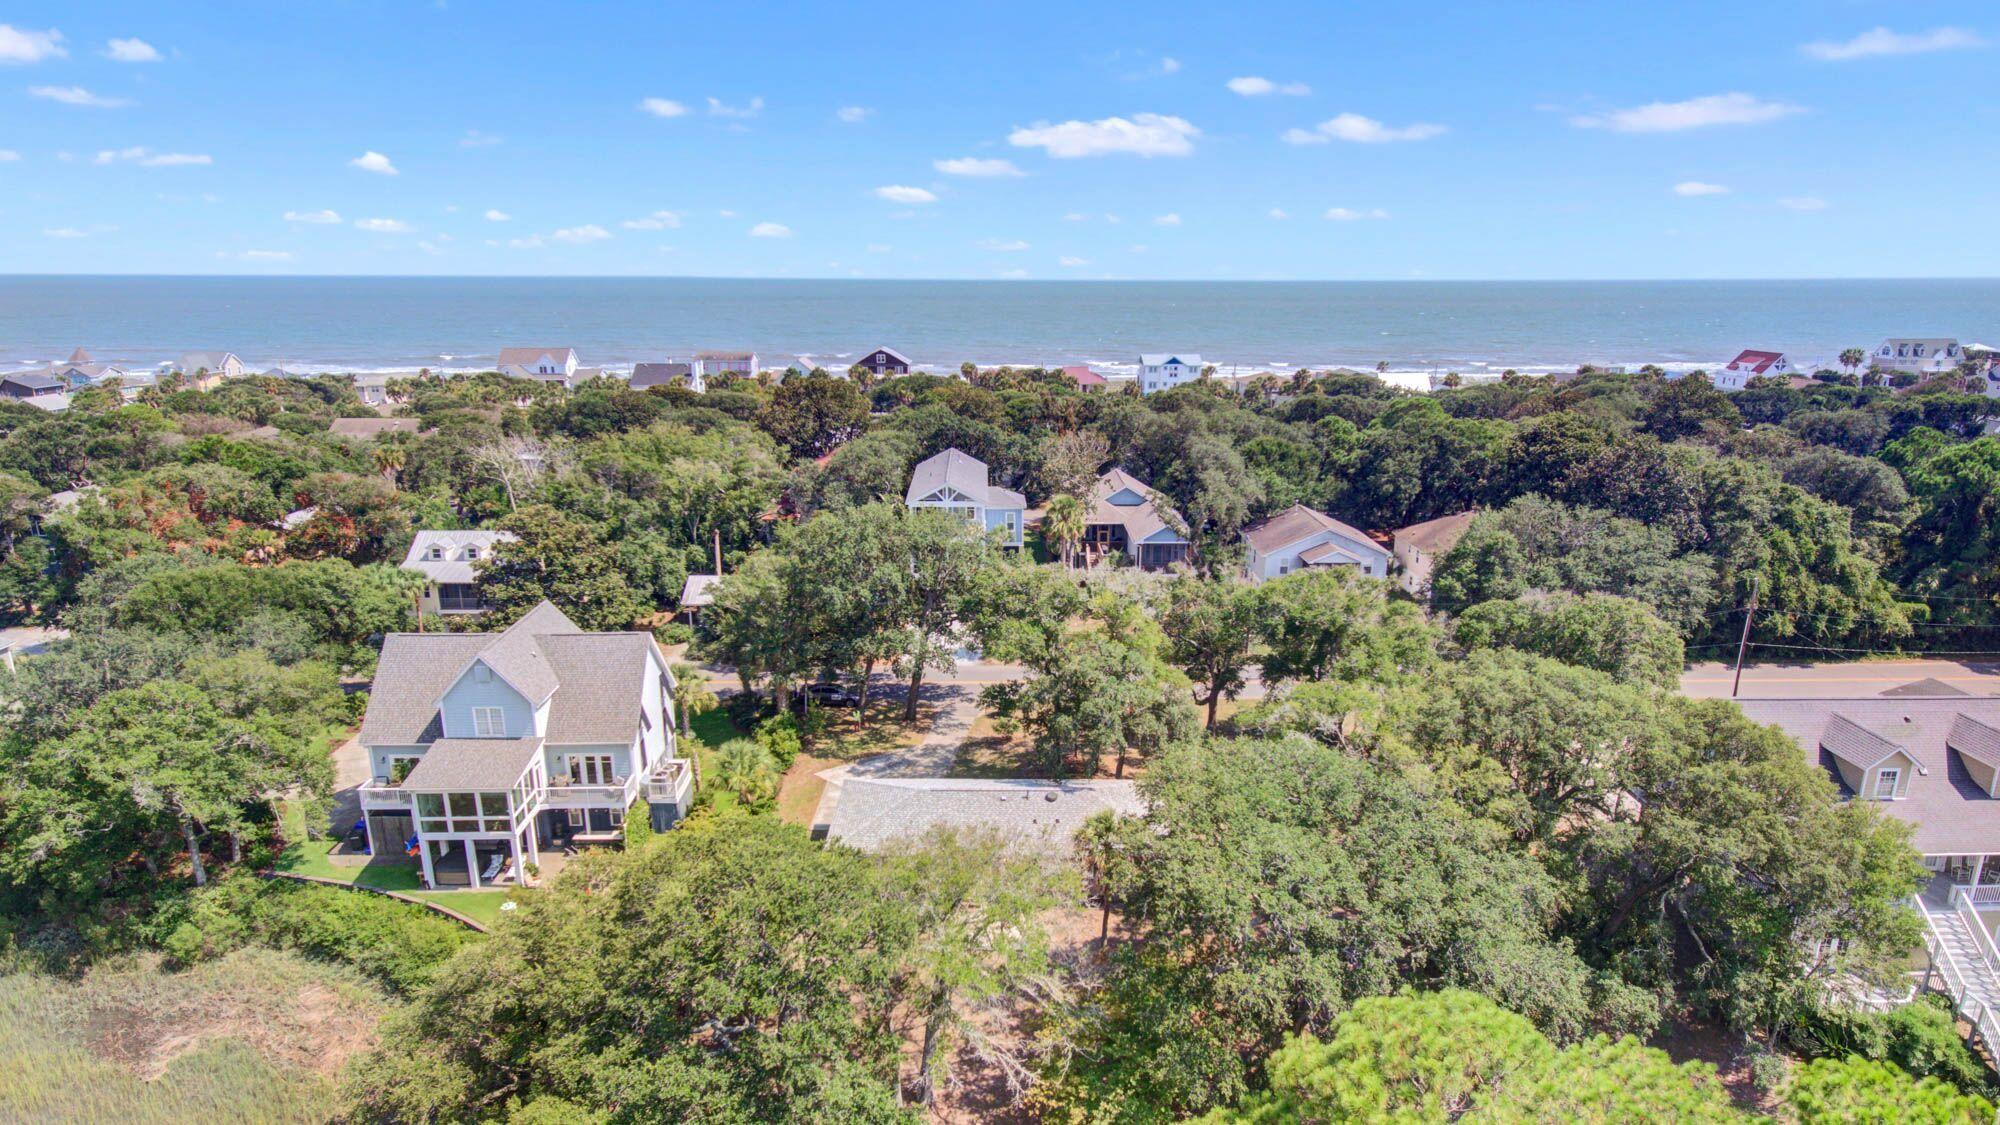 Folly Beach Homes For Sale - 610 Erie, Folly Beach, SC - 17